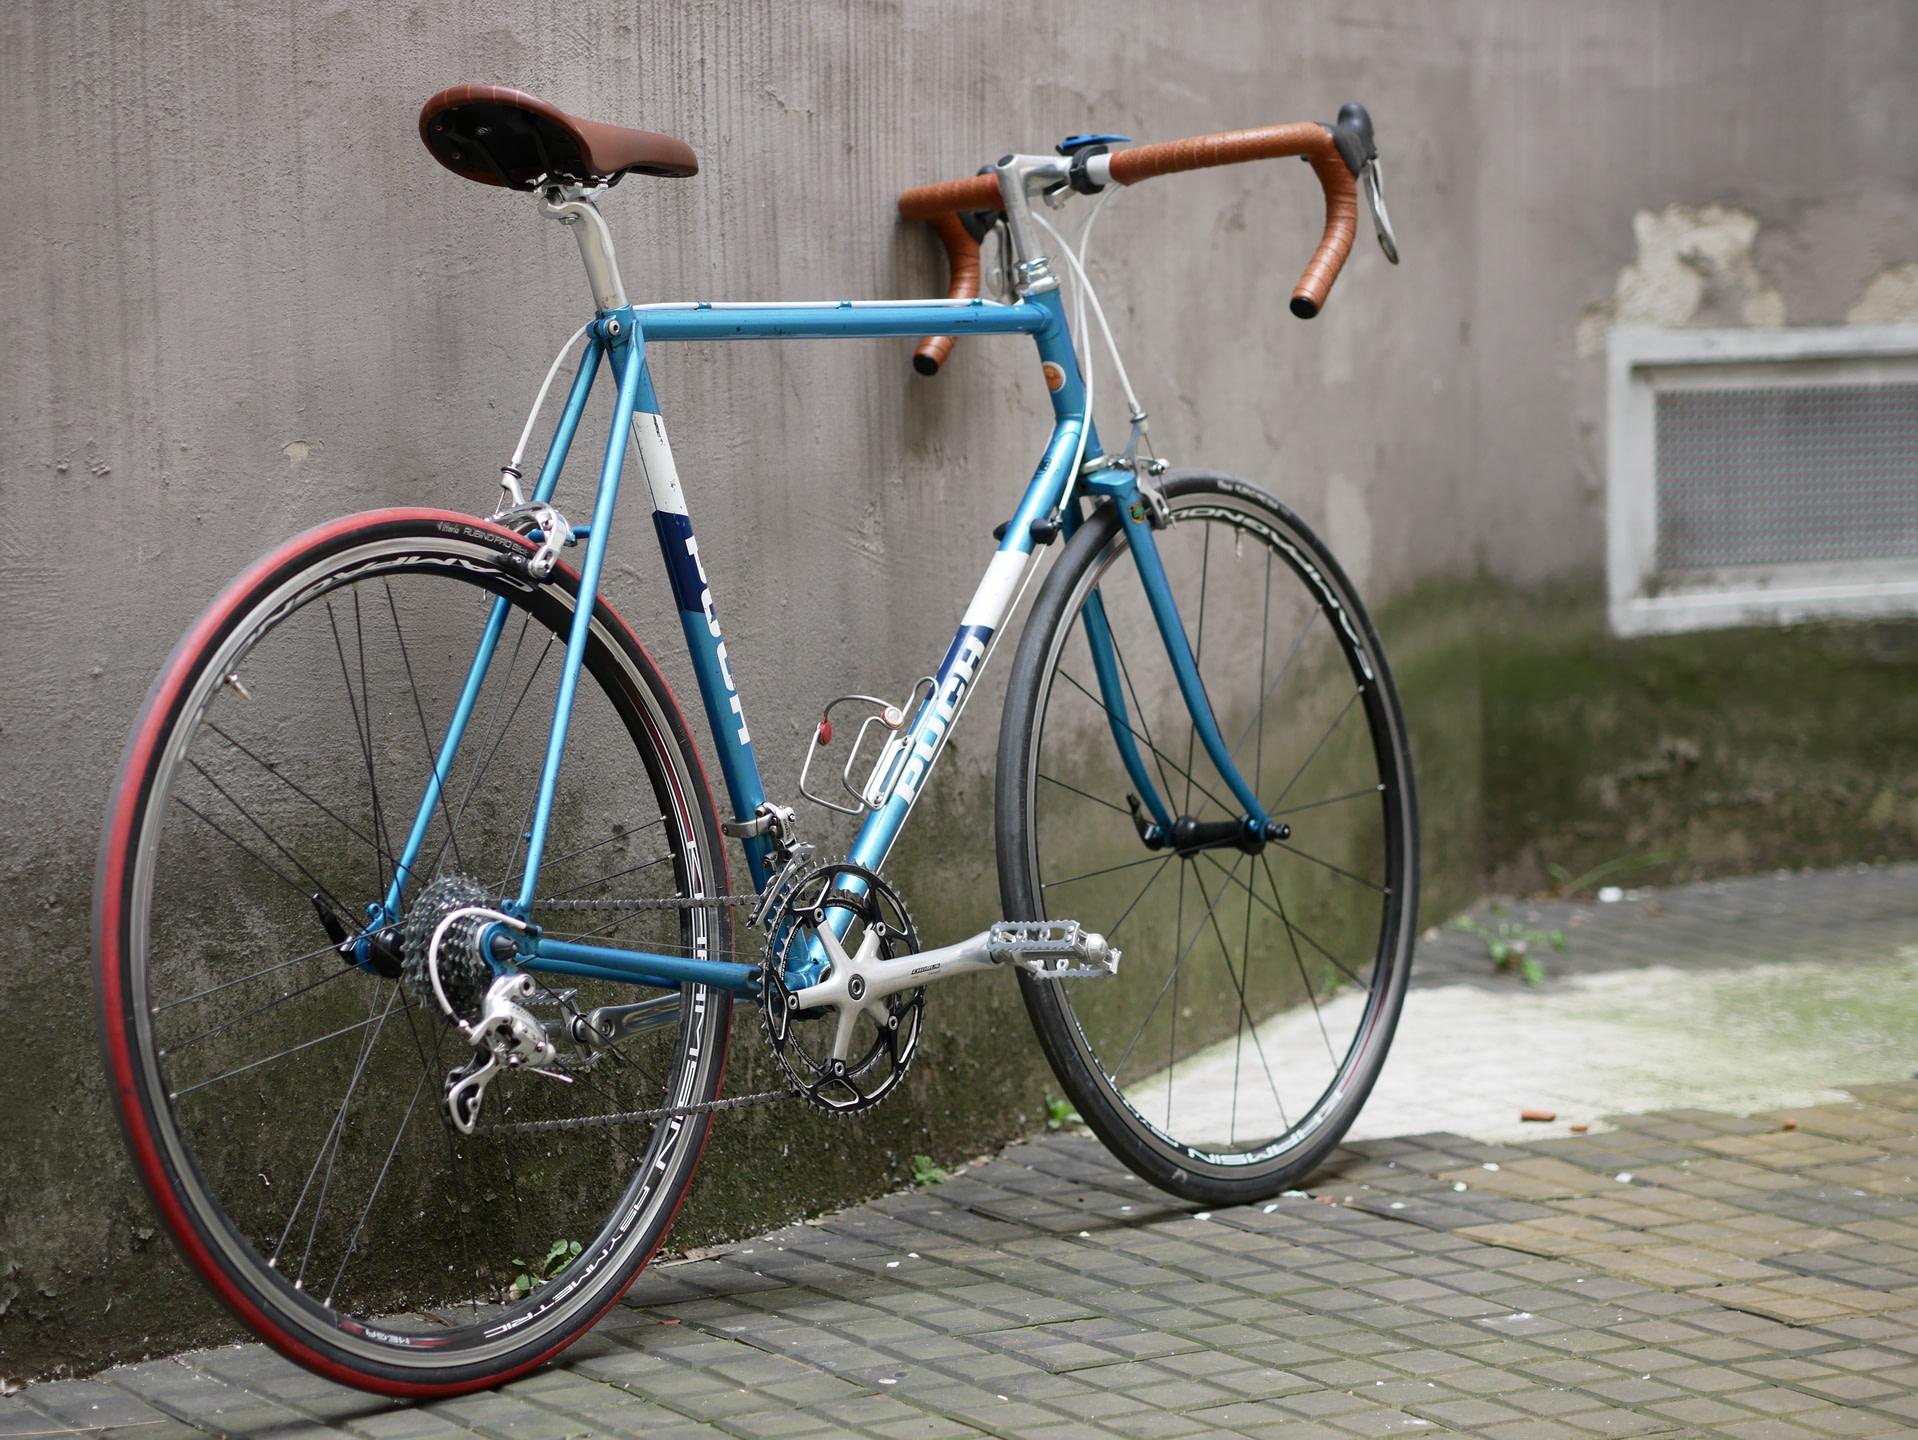 P1100916 - Puch Clubman Rennrad Blau